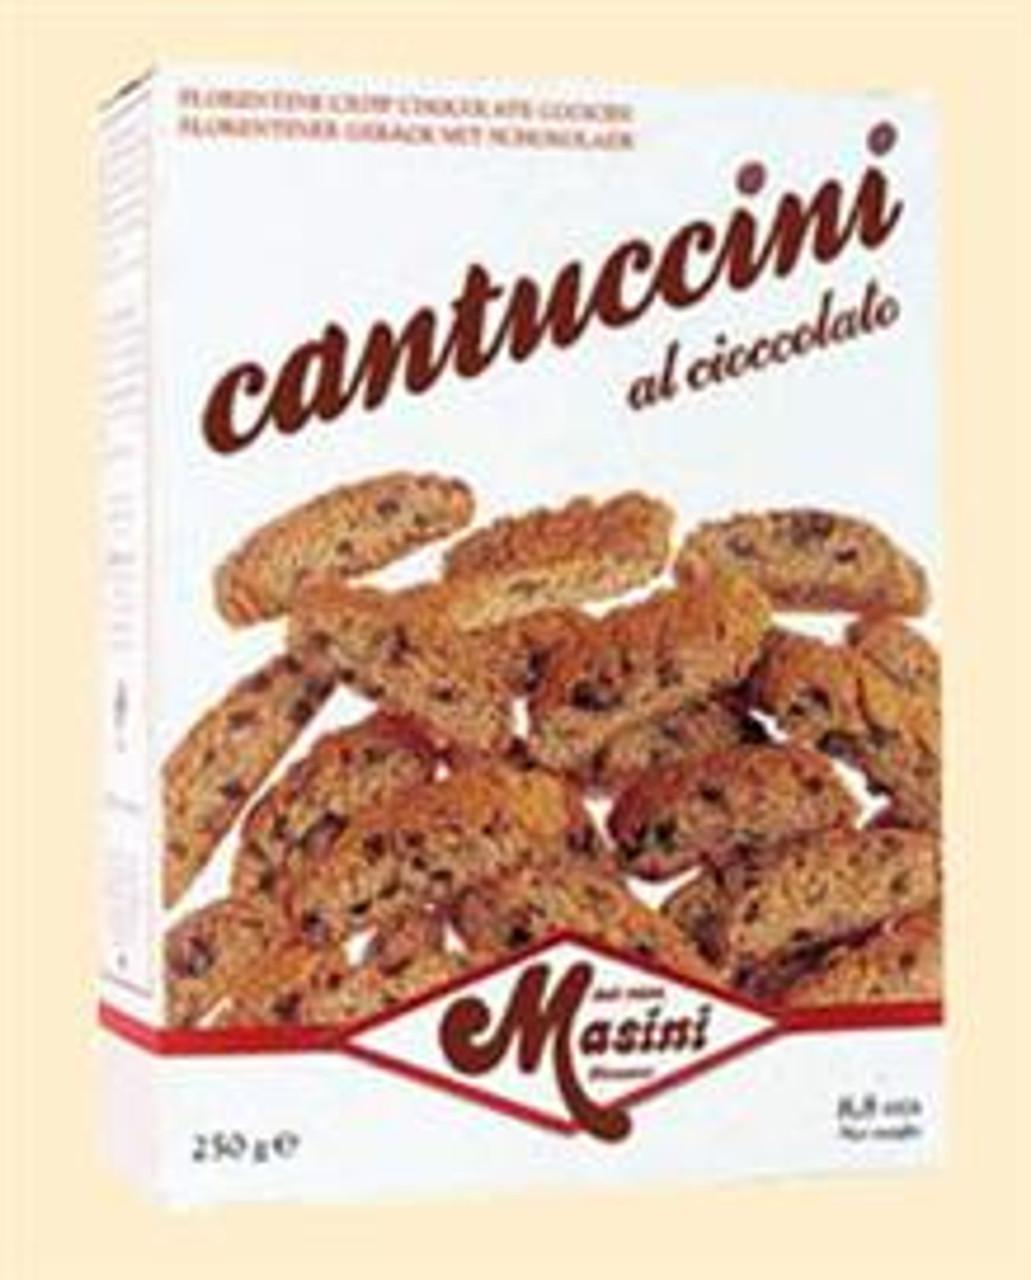 Cantuccini Cioccolato